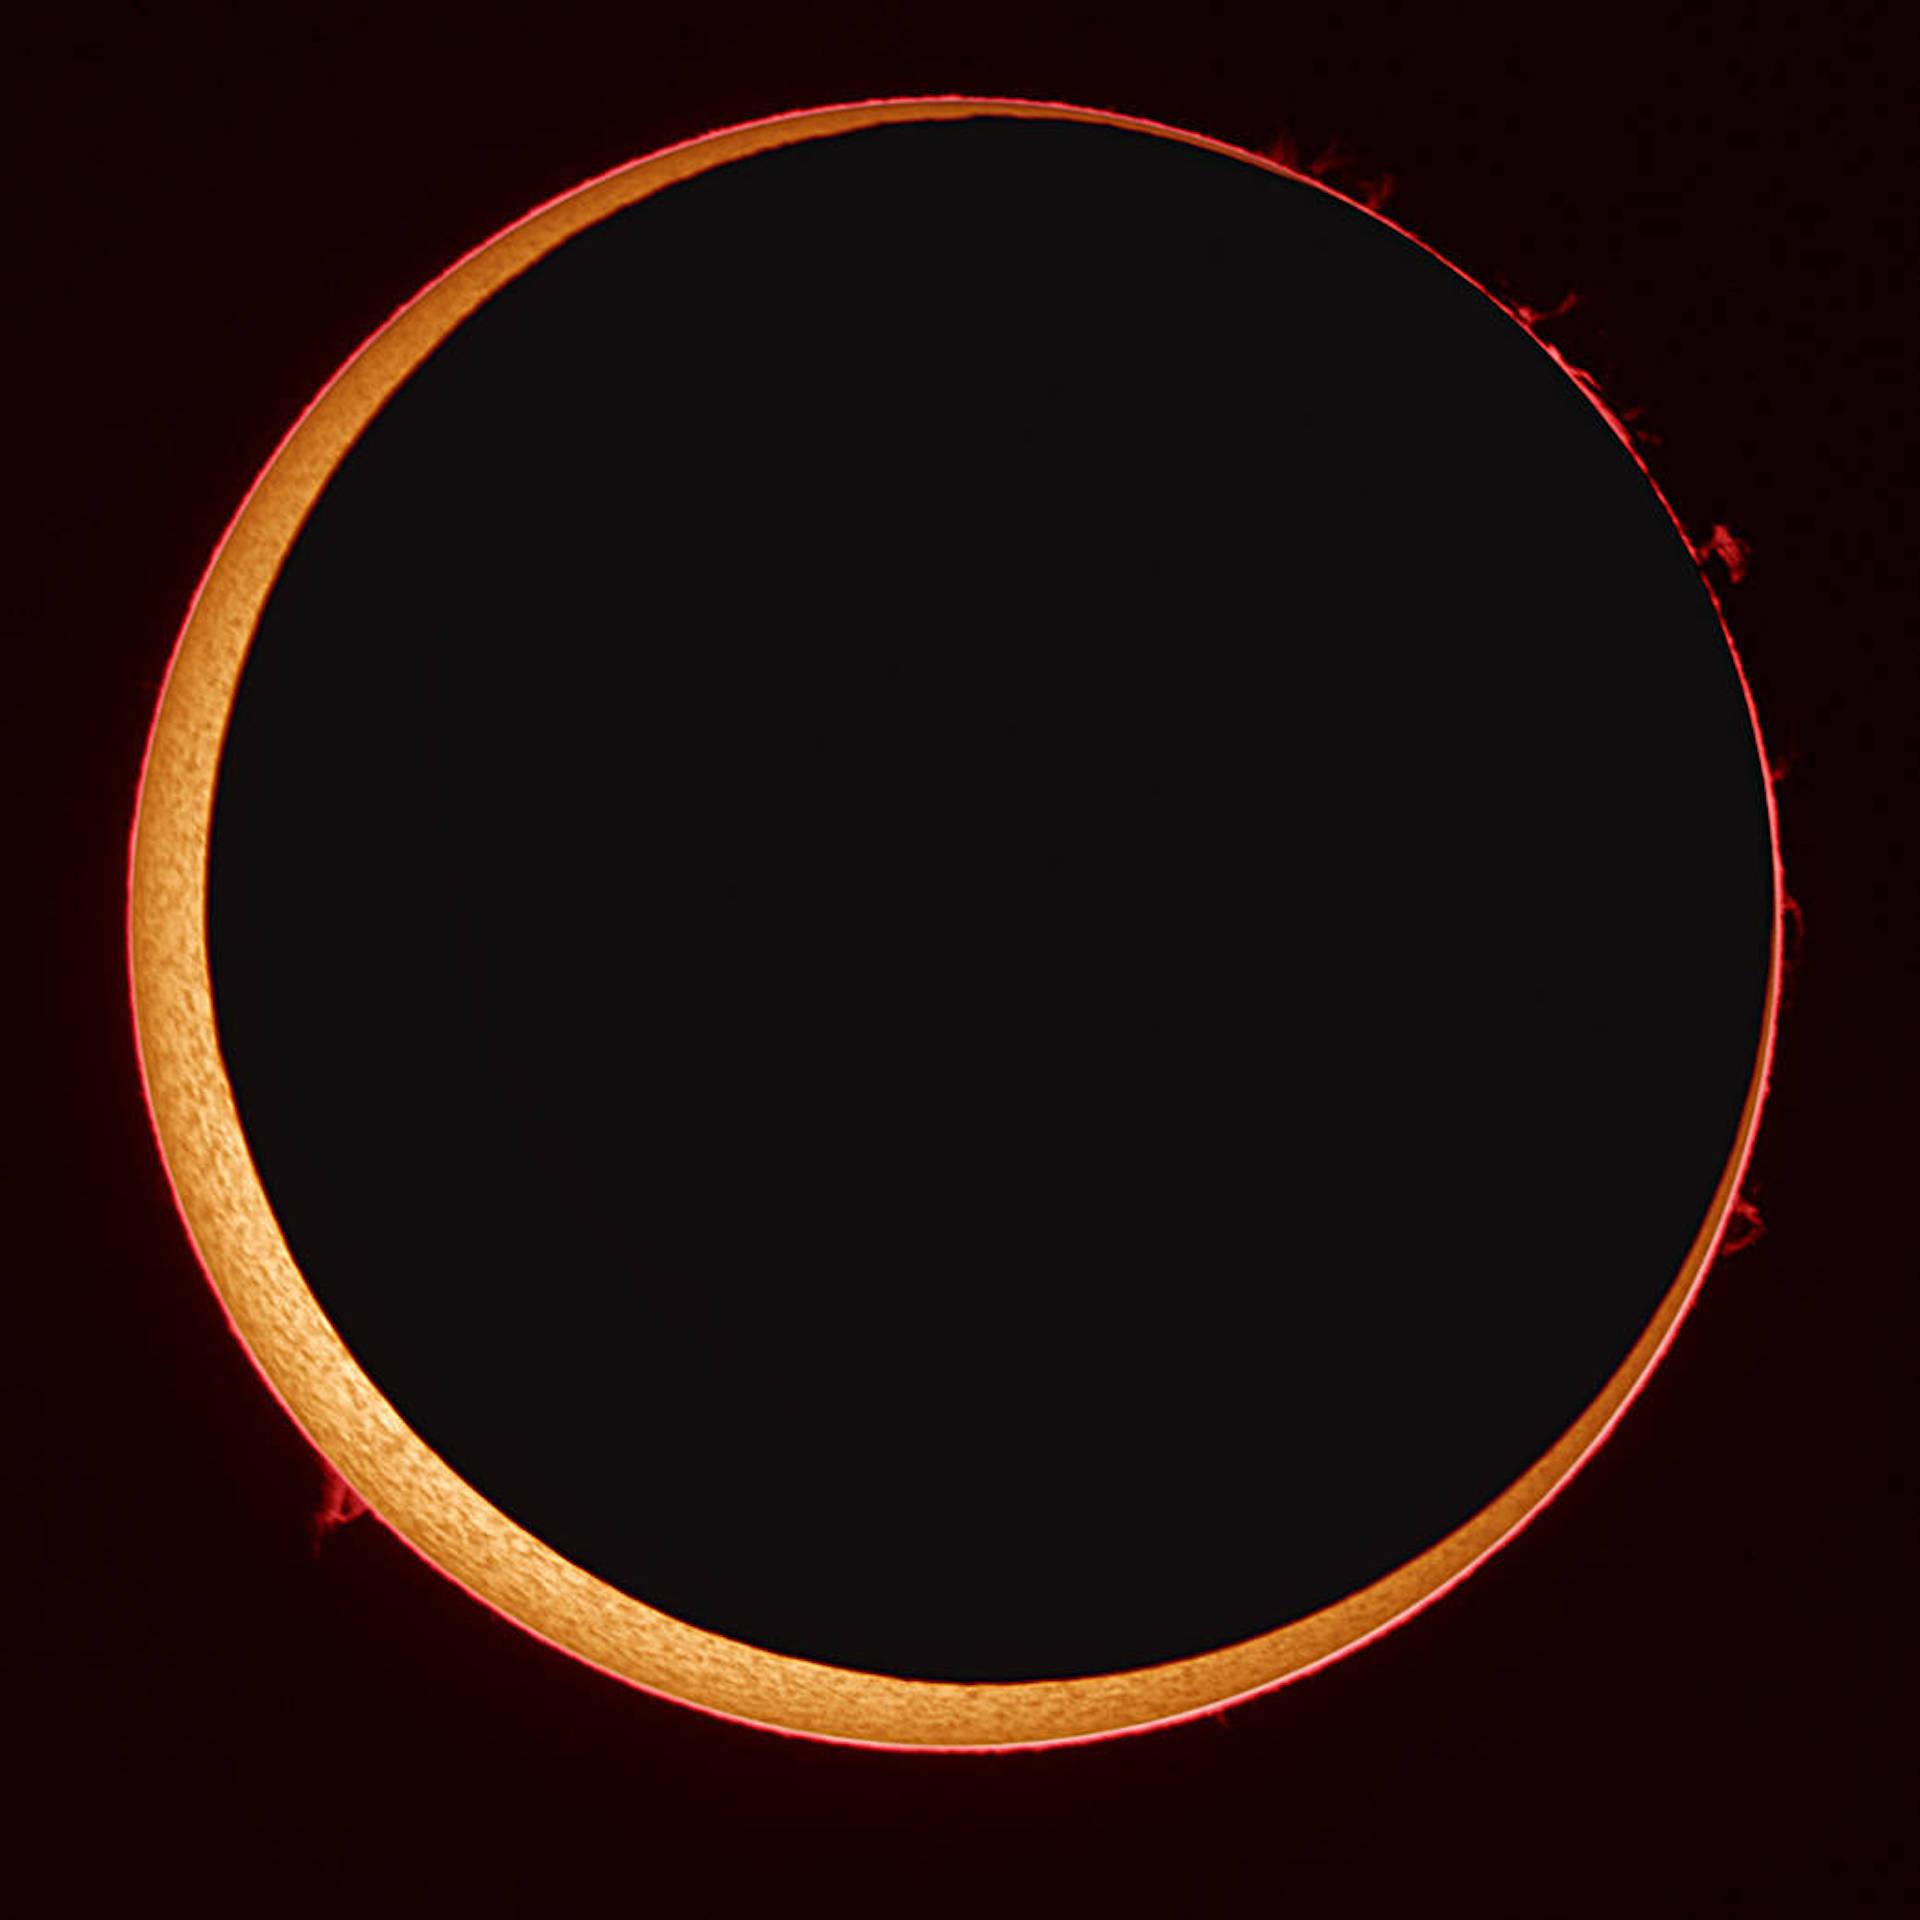 El 10 de junio de 2021 llega un eclipse solar anular. ¿Dónde verlo?